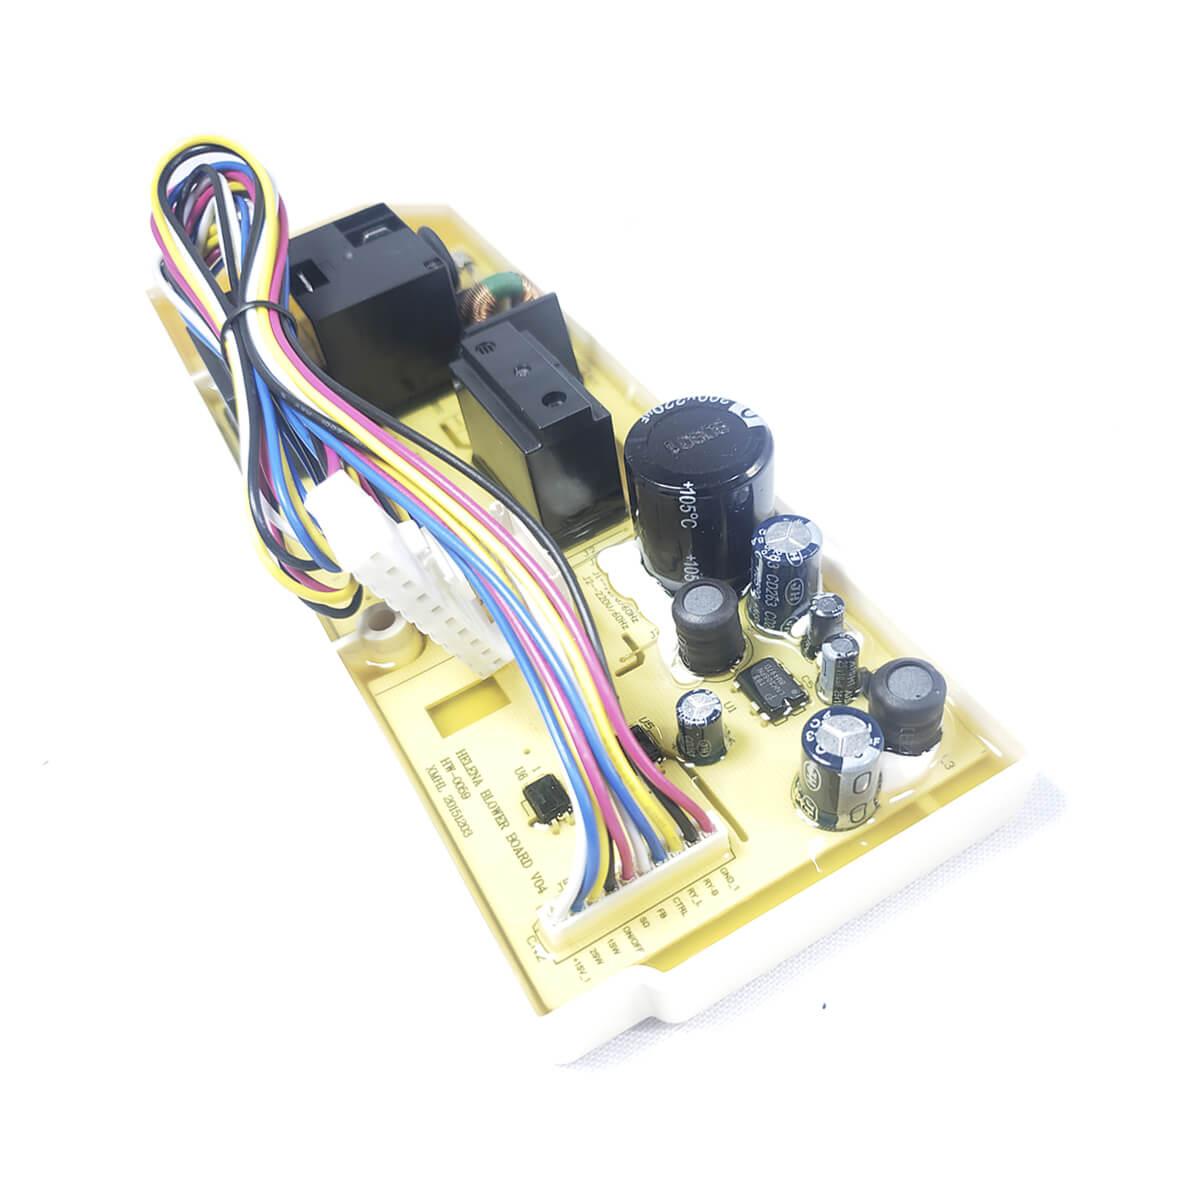 Placa Moto Ventilador Para Lavadora De Roupa Electrolux LST12 LSW12 LSW15 - 64500840